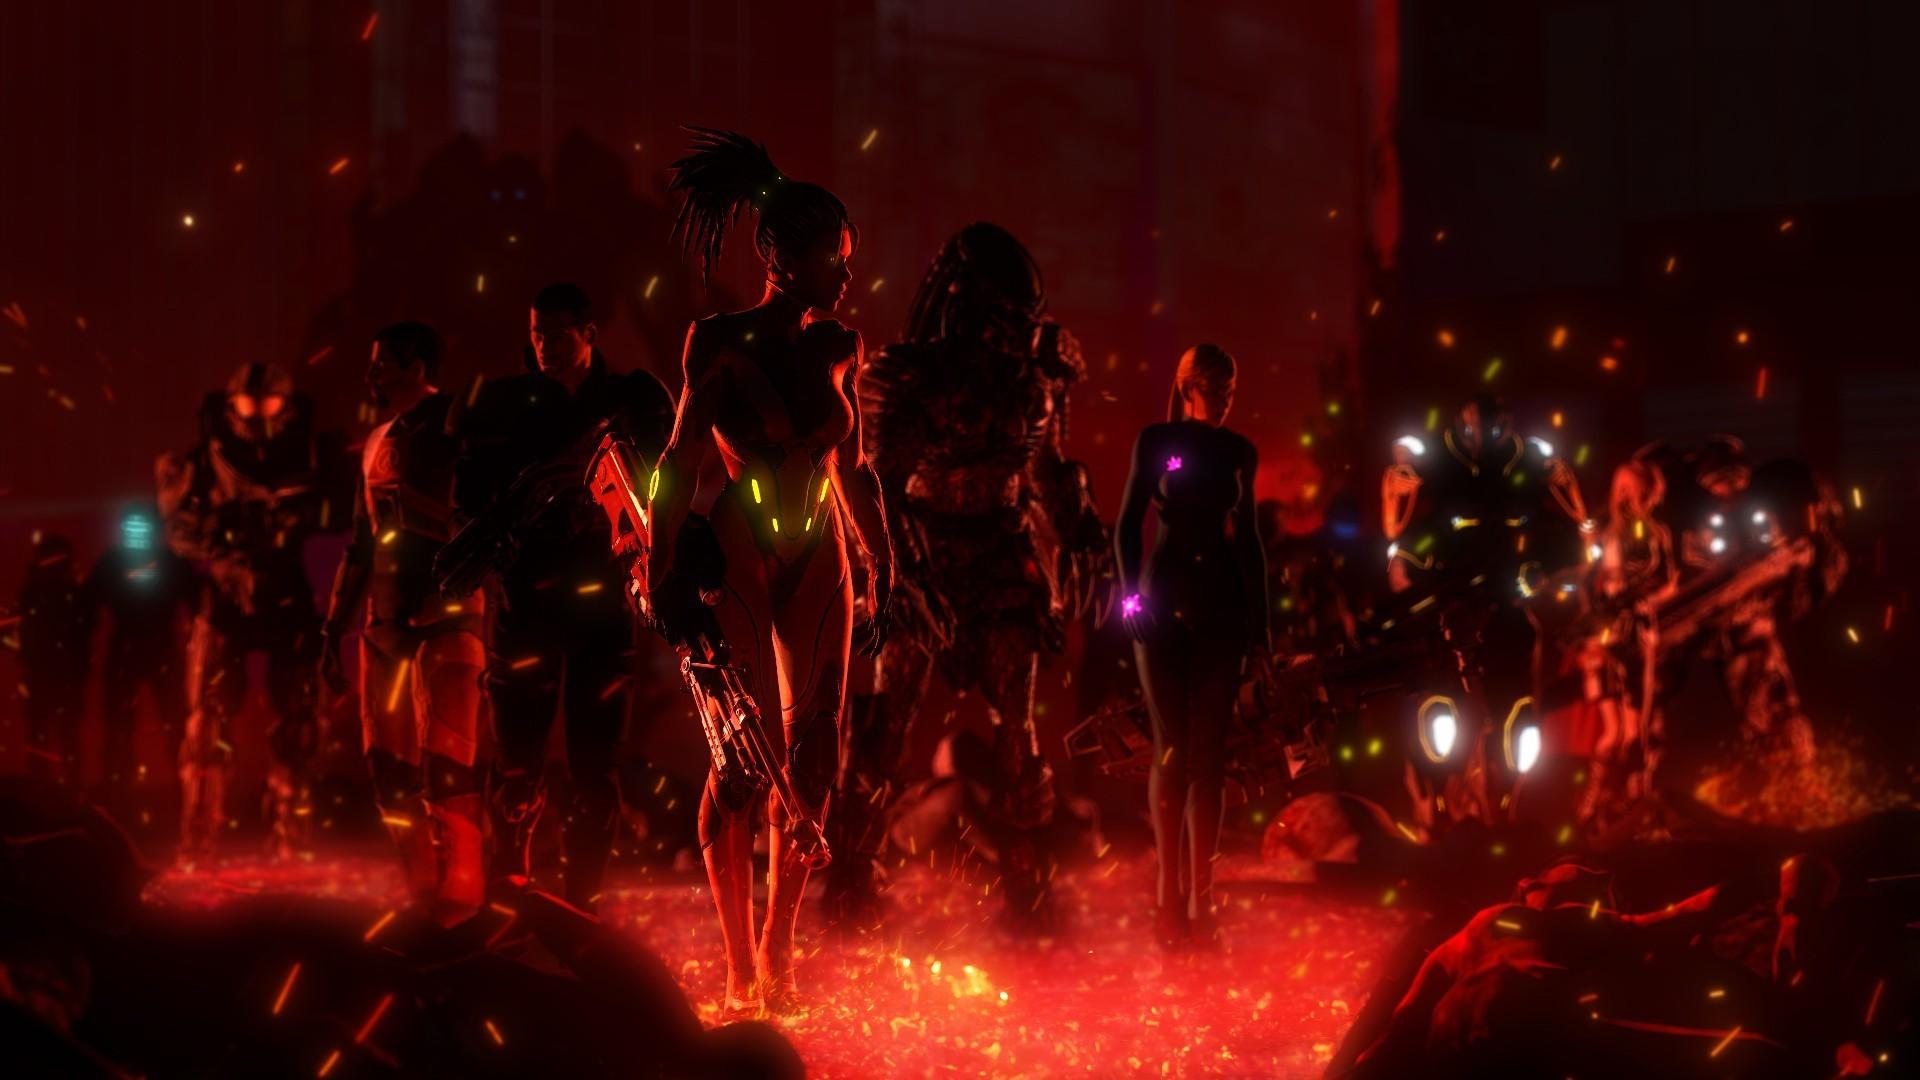 video Games, Artwork, Queen Of Blades, Mass Effect, Commander Shepard,  StarCraft, Predator (movie), Zero Suit Samus, Samus Aran, Metroid, Halo,  Master Chief …